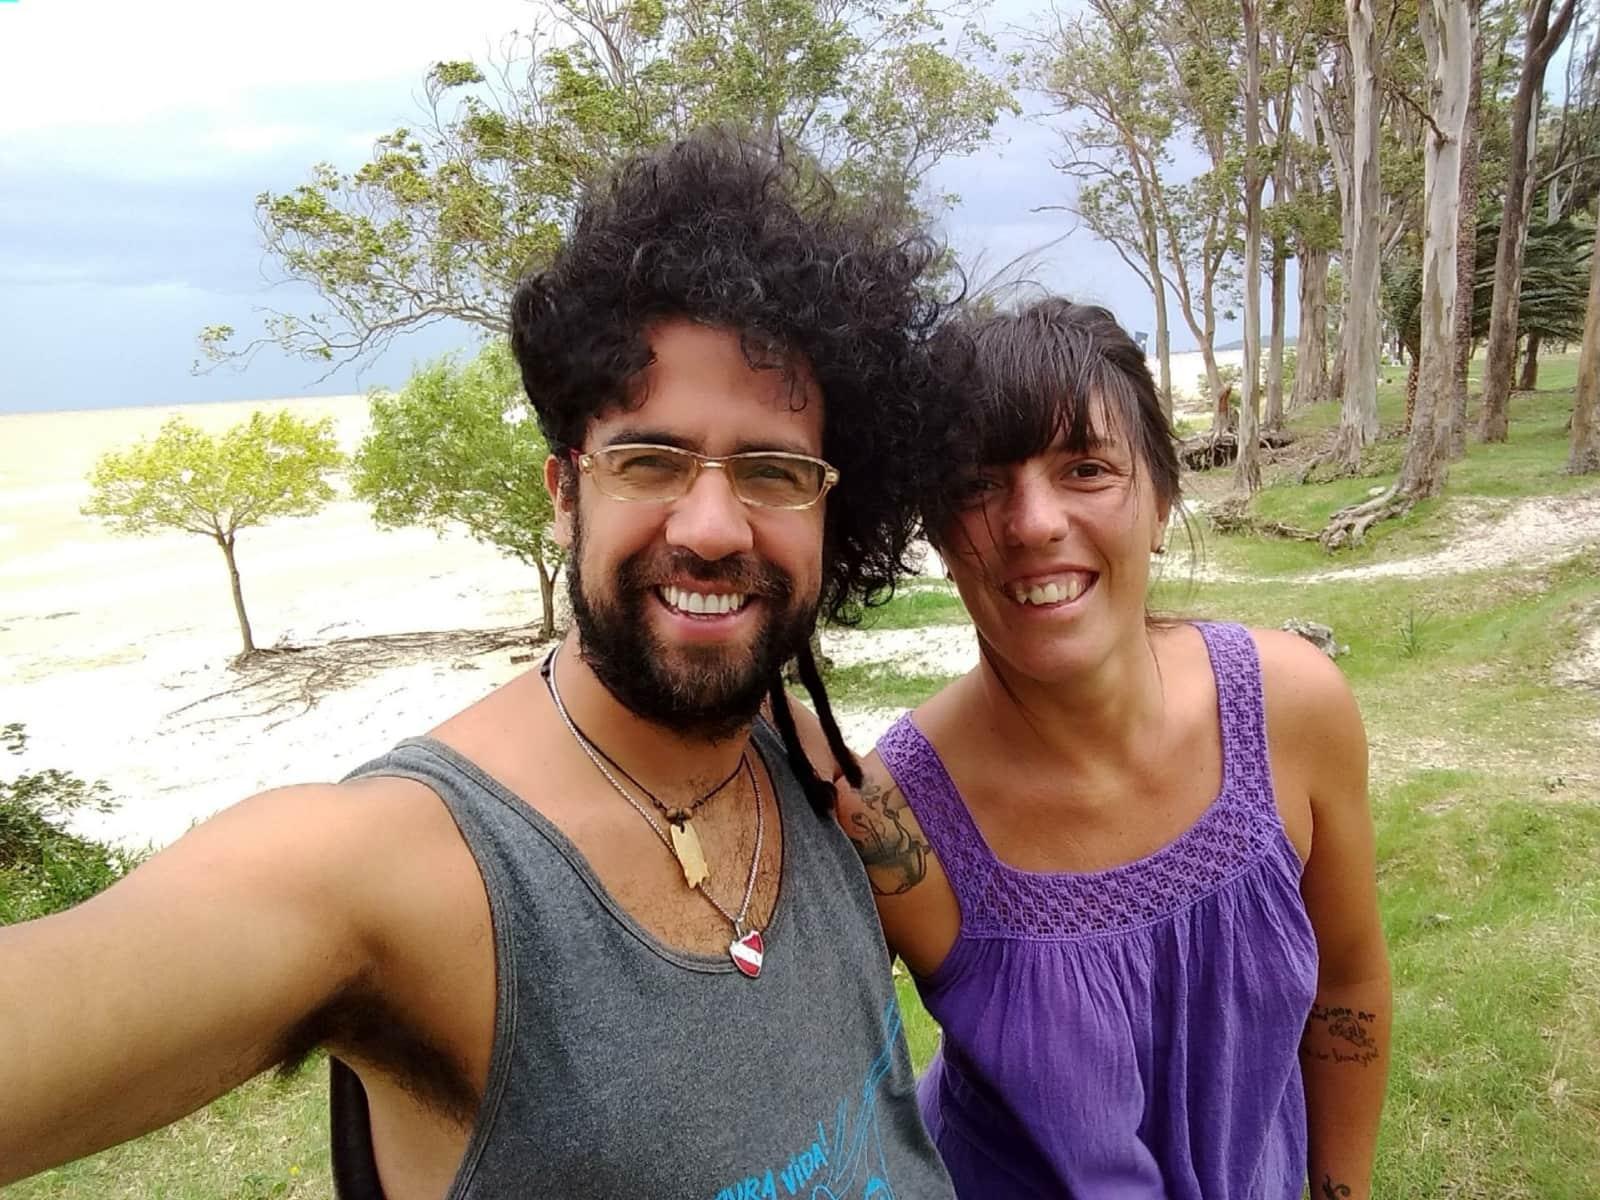 Martina & Francisco from San Antonio de Areco, Argentina